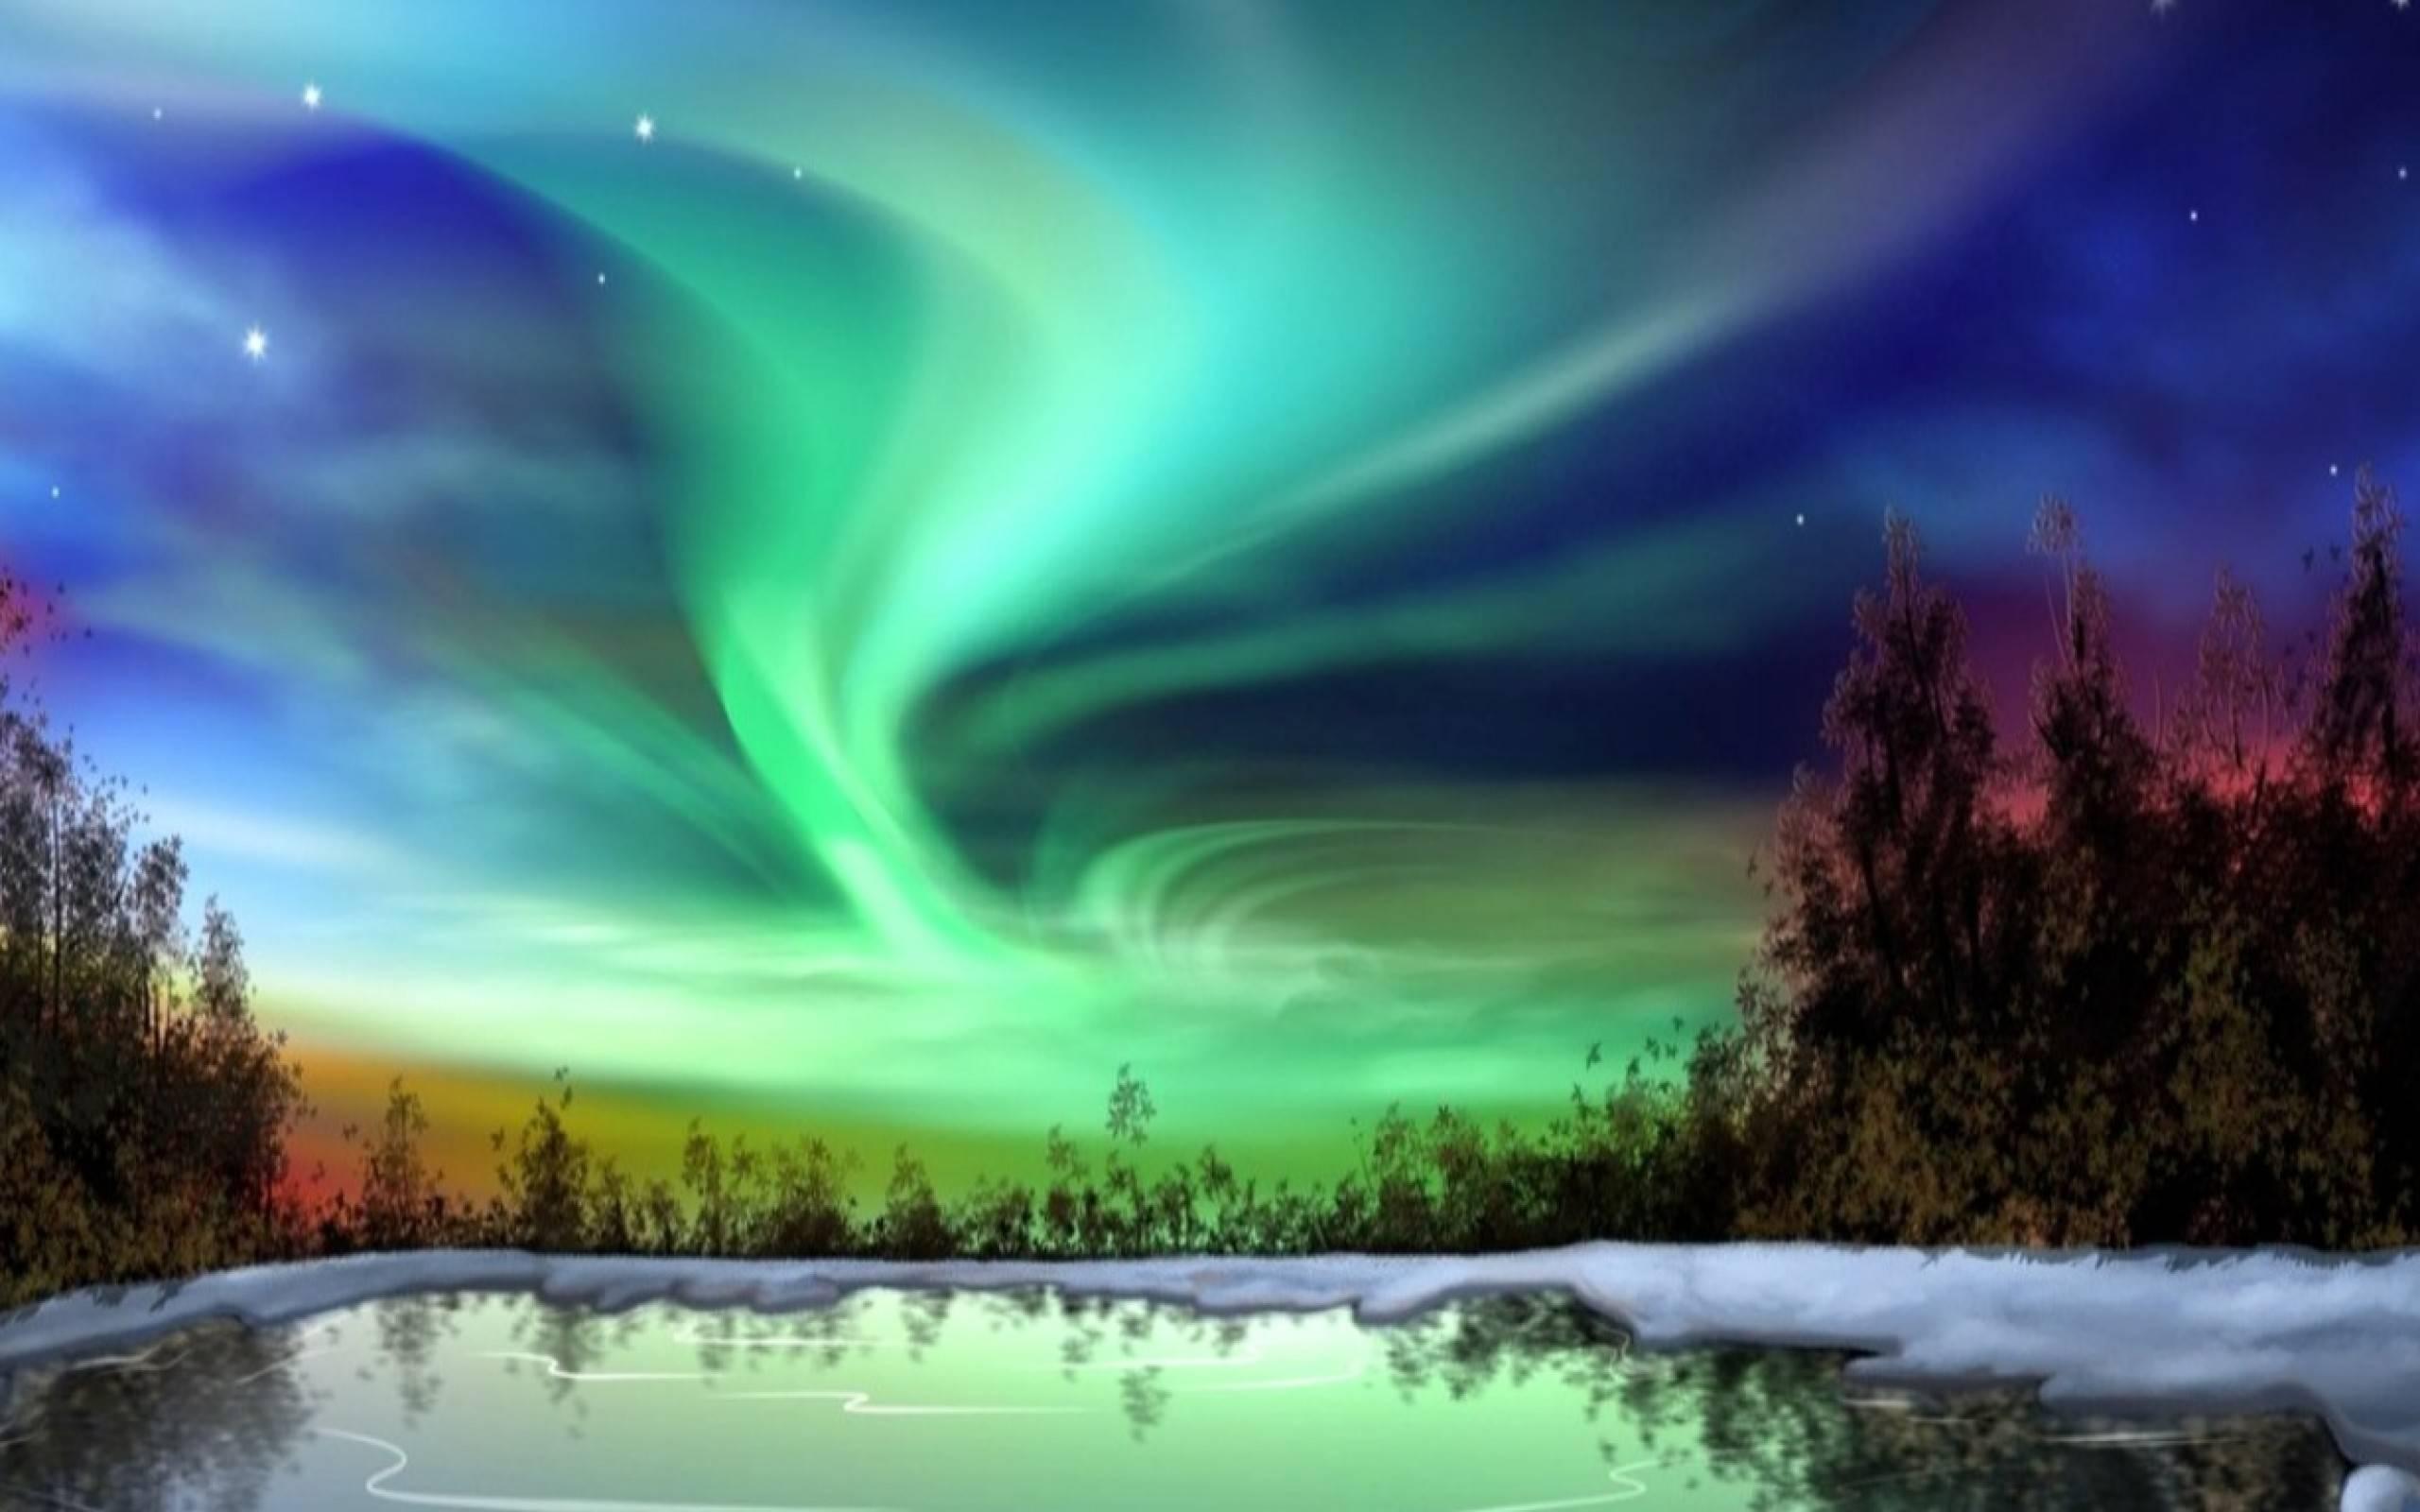 Celestial Aurora Borealis -